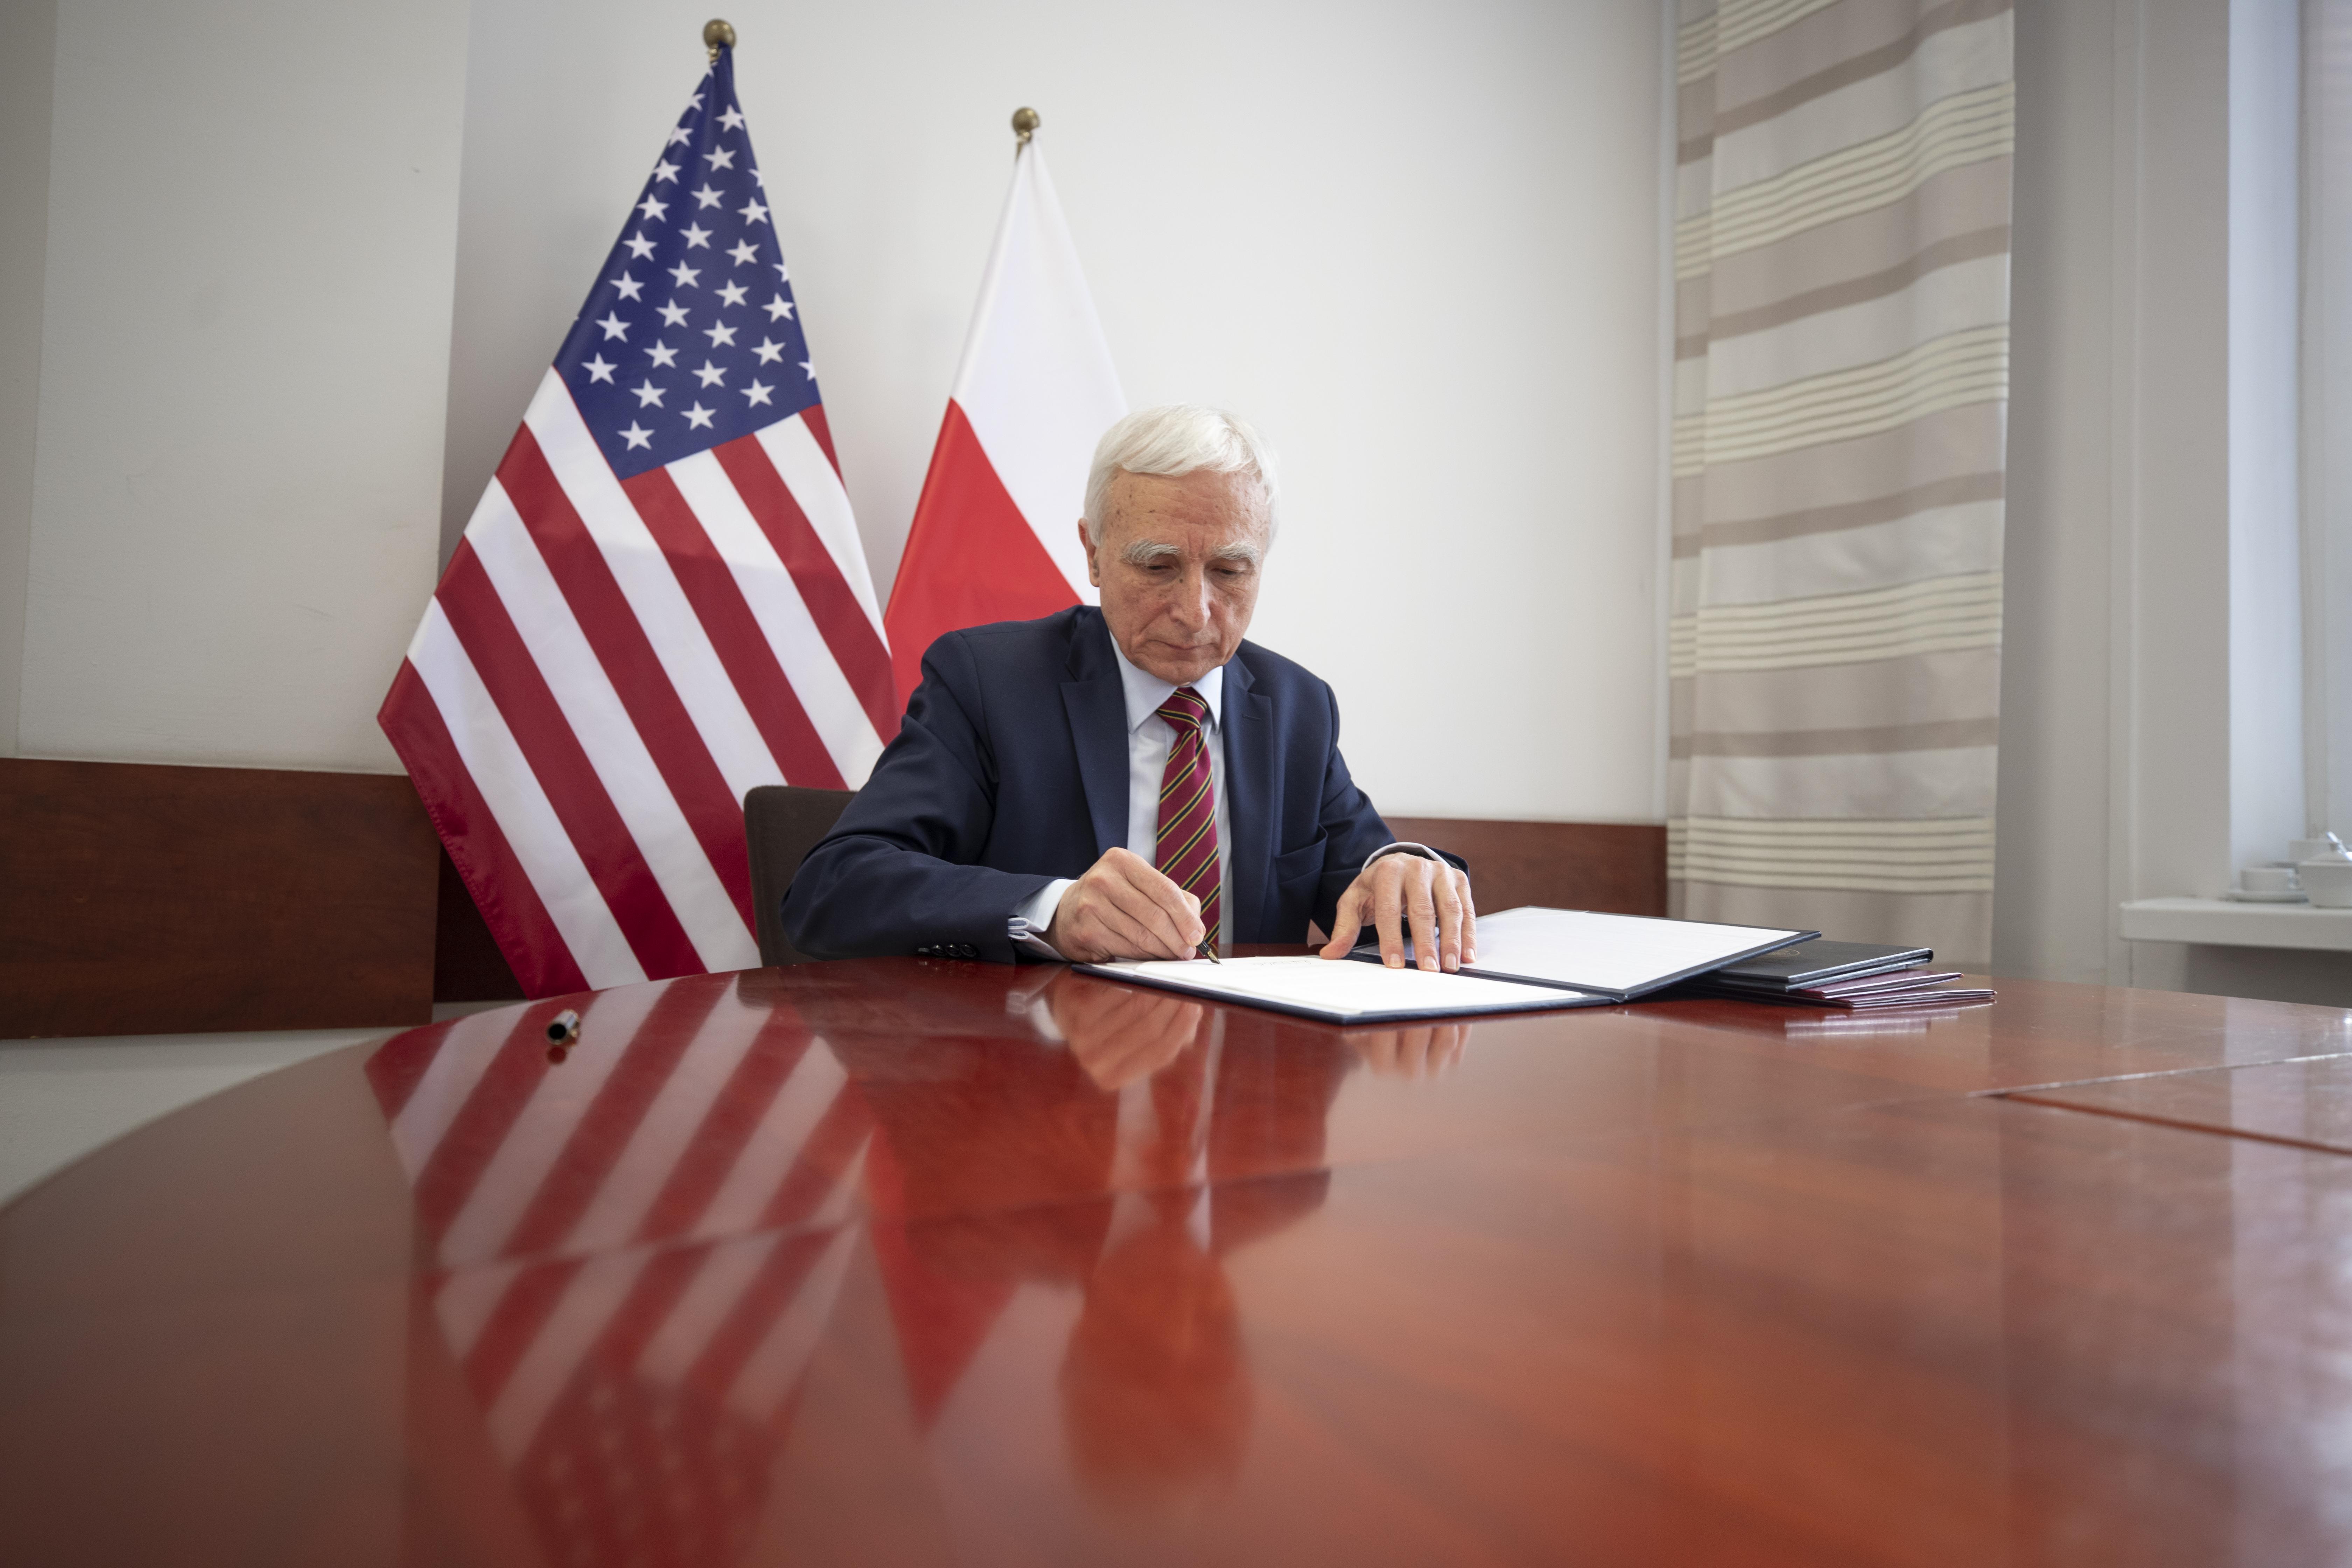 Pełnomocnik rządu ds. strategicznej infrastruktury energetycznej Piotr Naimski podpisuje umową Polska-USA